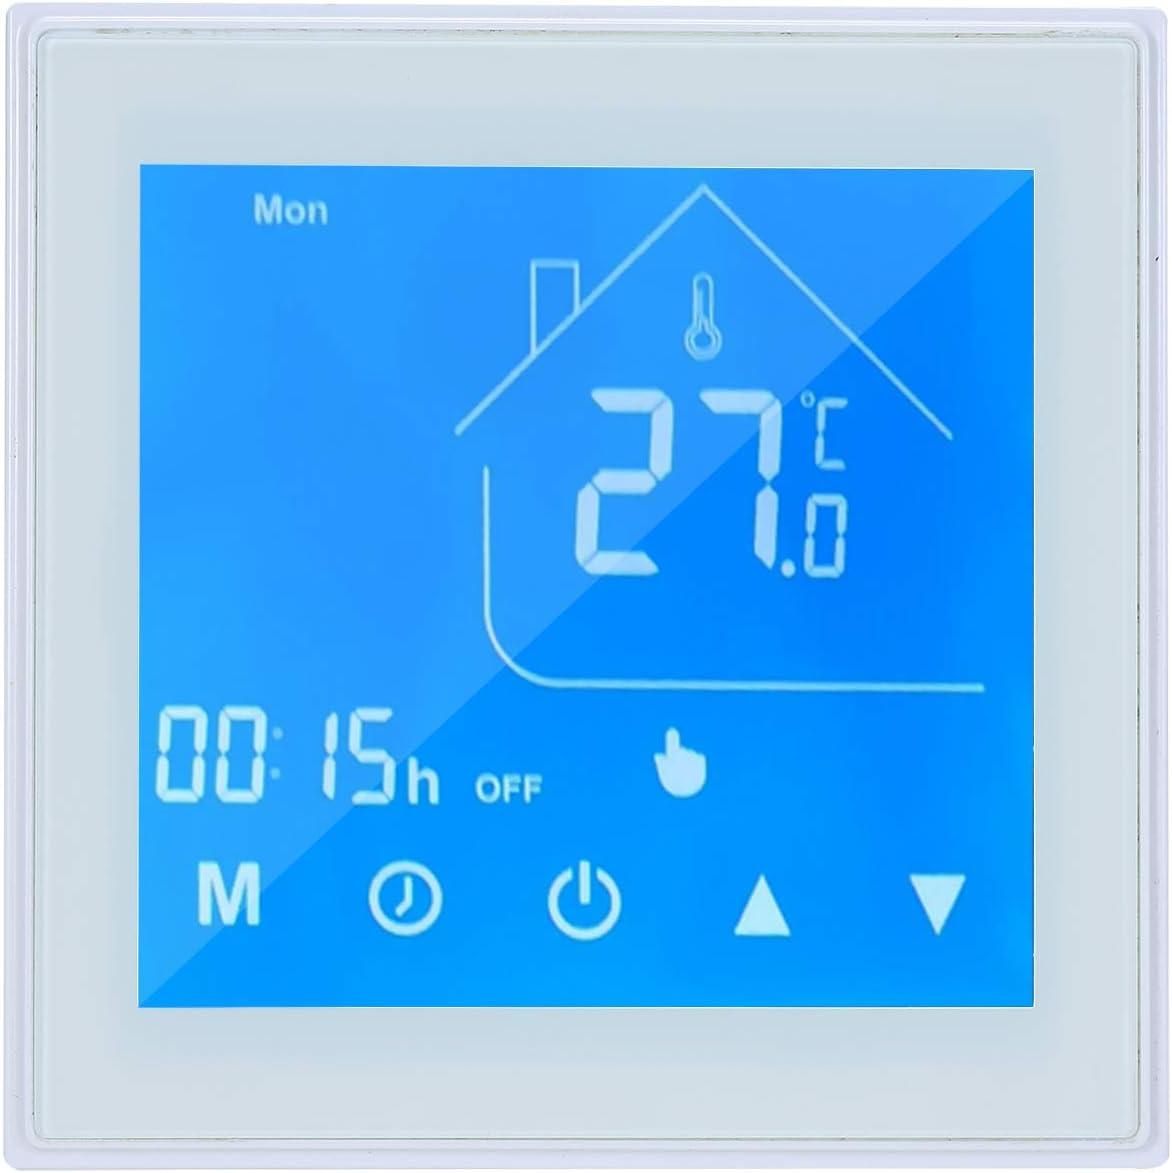 Lechnical Termostato Inteligente WiFi Controlador de Temperatura Pantalla LCD Semana programable para Caldera de Agua/Gas Control de la aplicación Tuya Compatible con Alexa Google Home